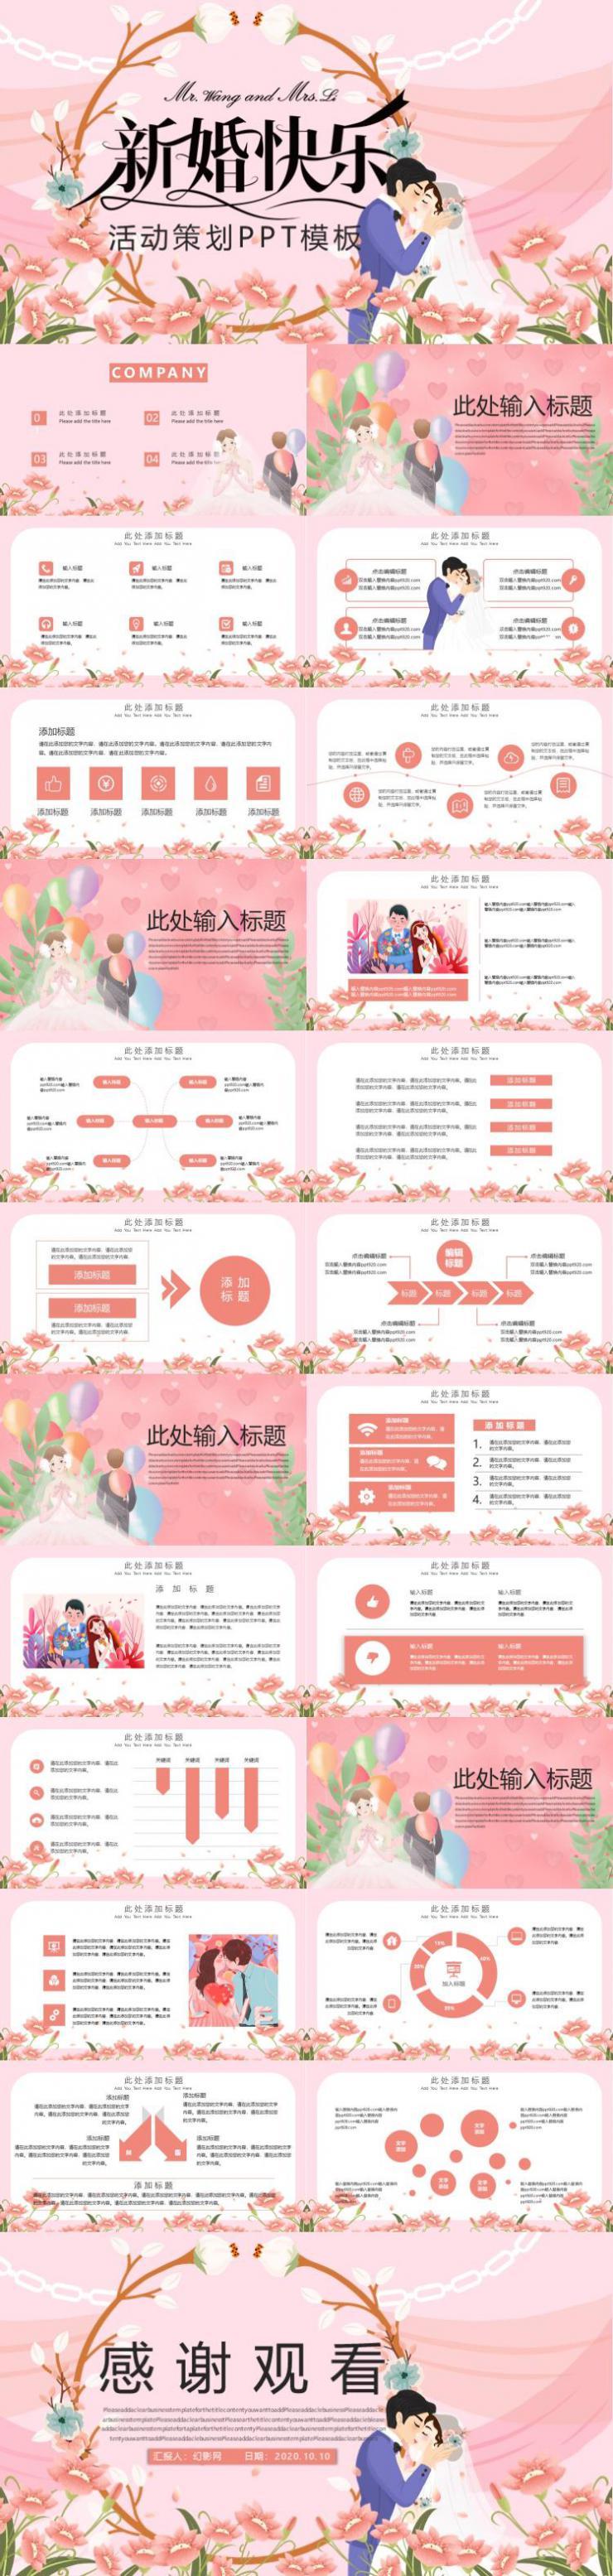 婚礼活动策划PPT模板